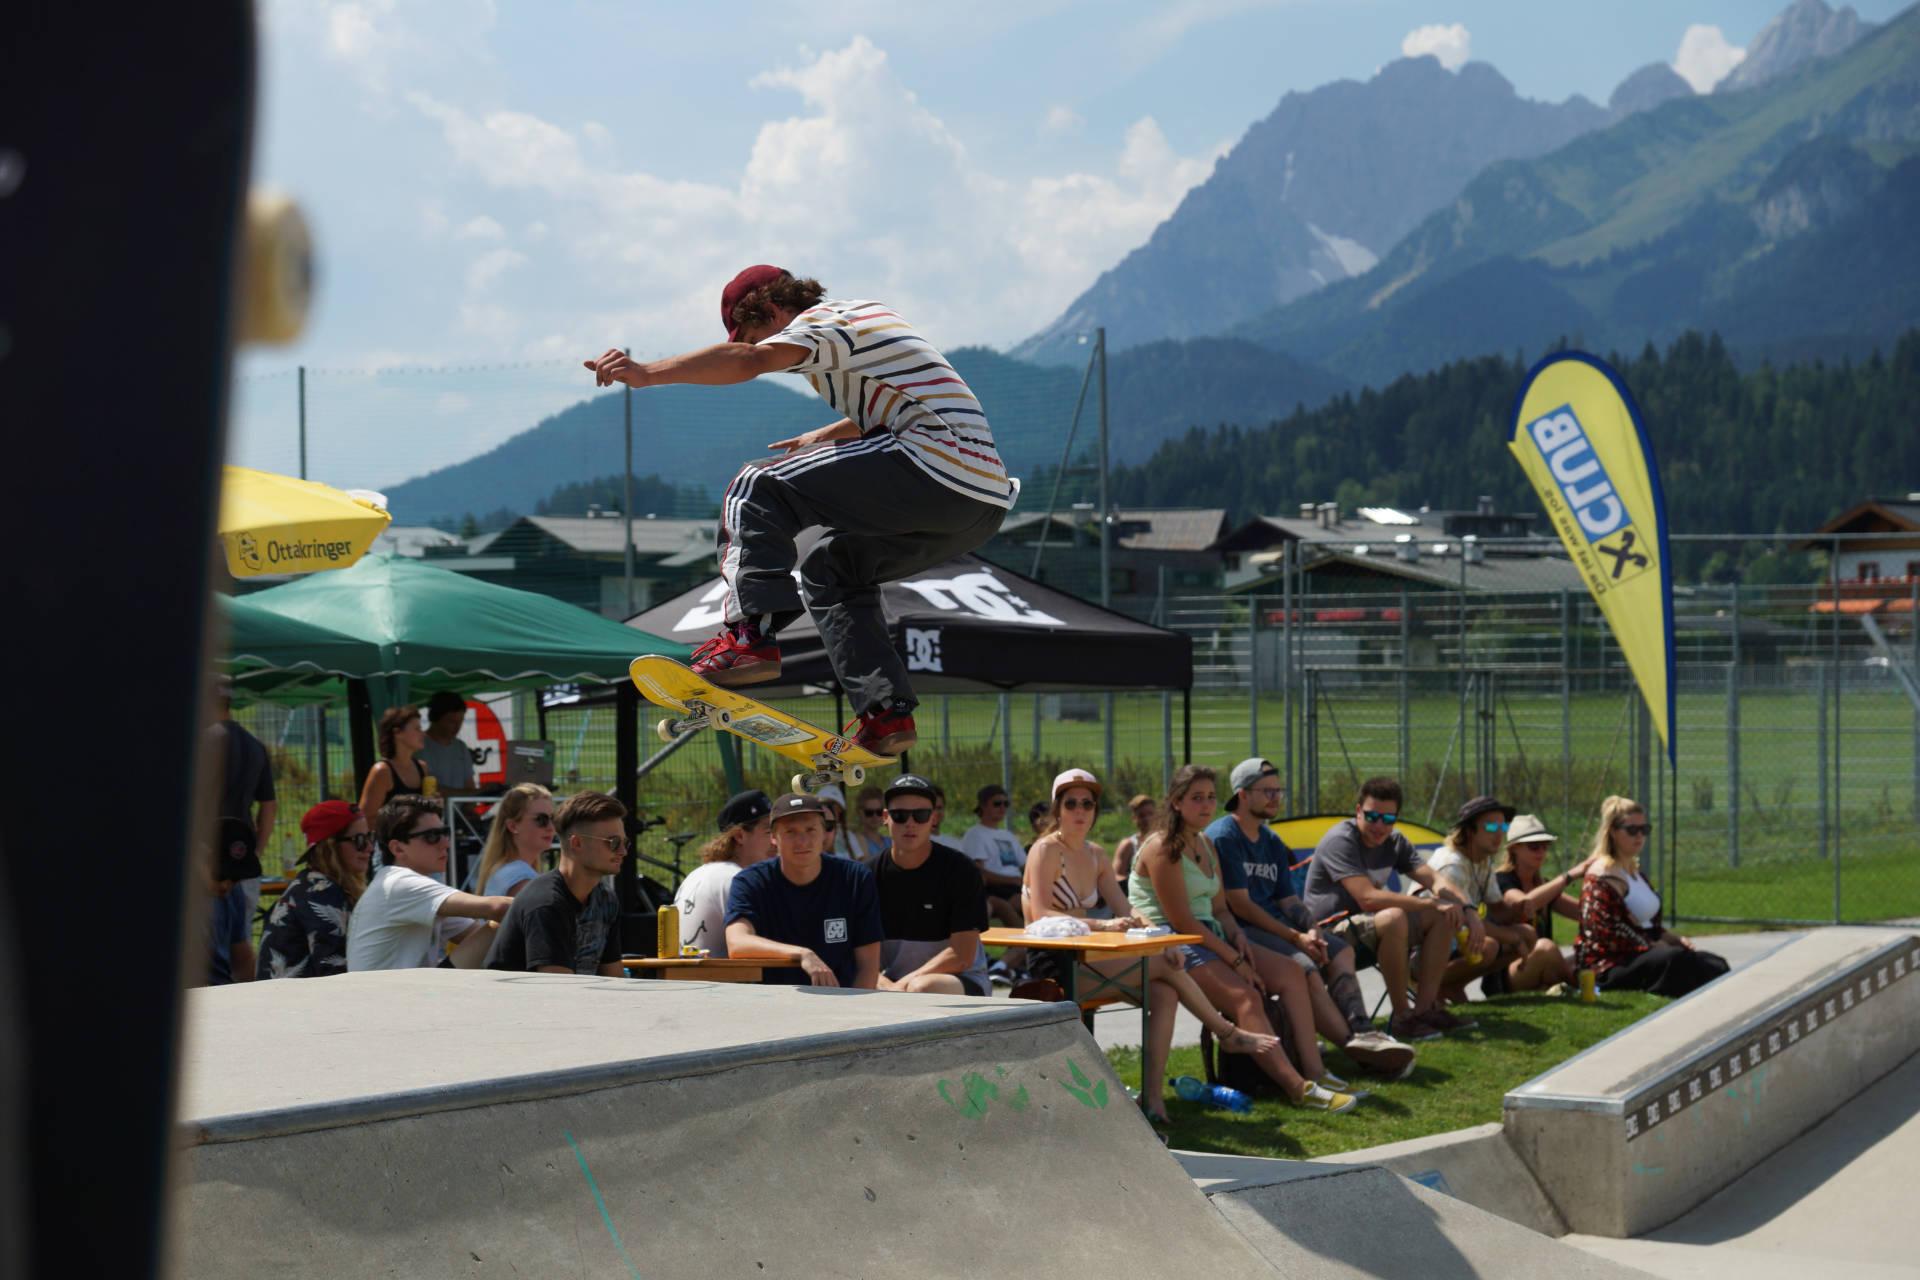 skateboardheadz st johann in tirol kgt 2019 finale 00017